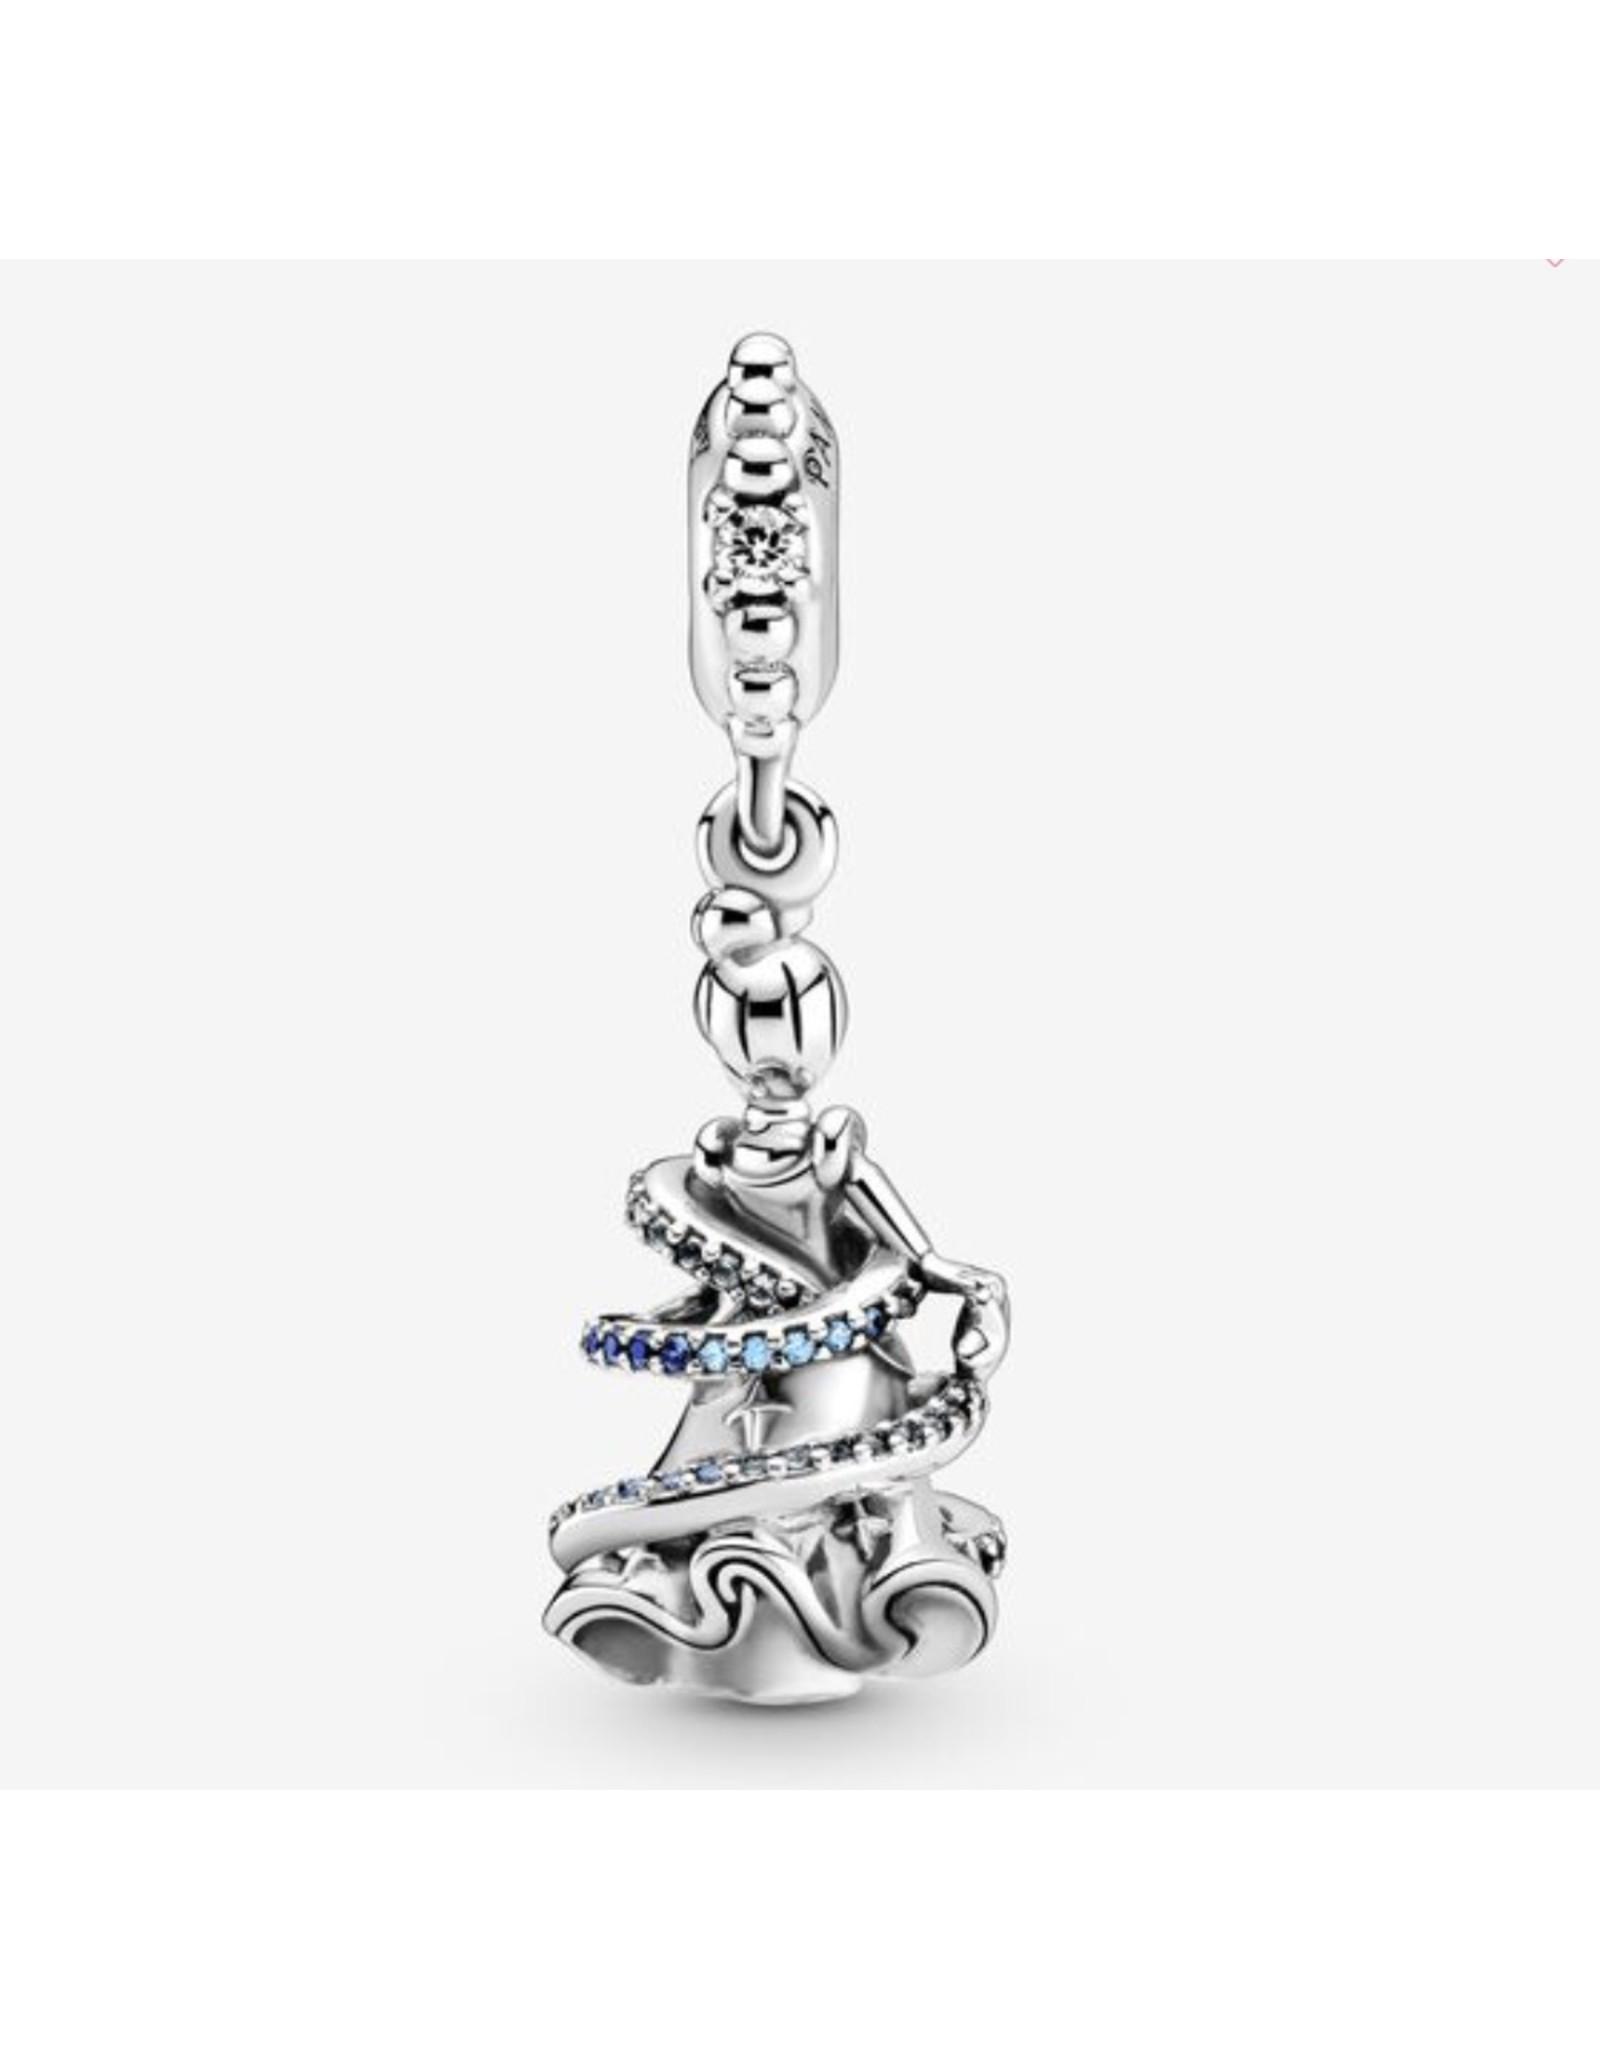 Pandora Pandora Charm,799201C01,Disney, Cinderella Magical Moment